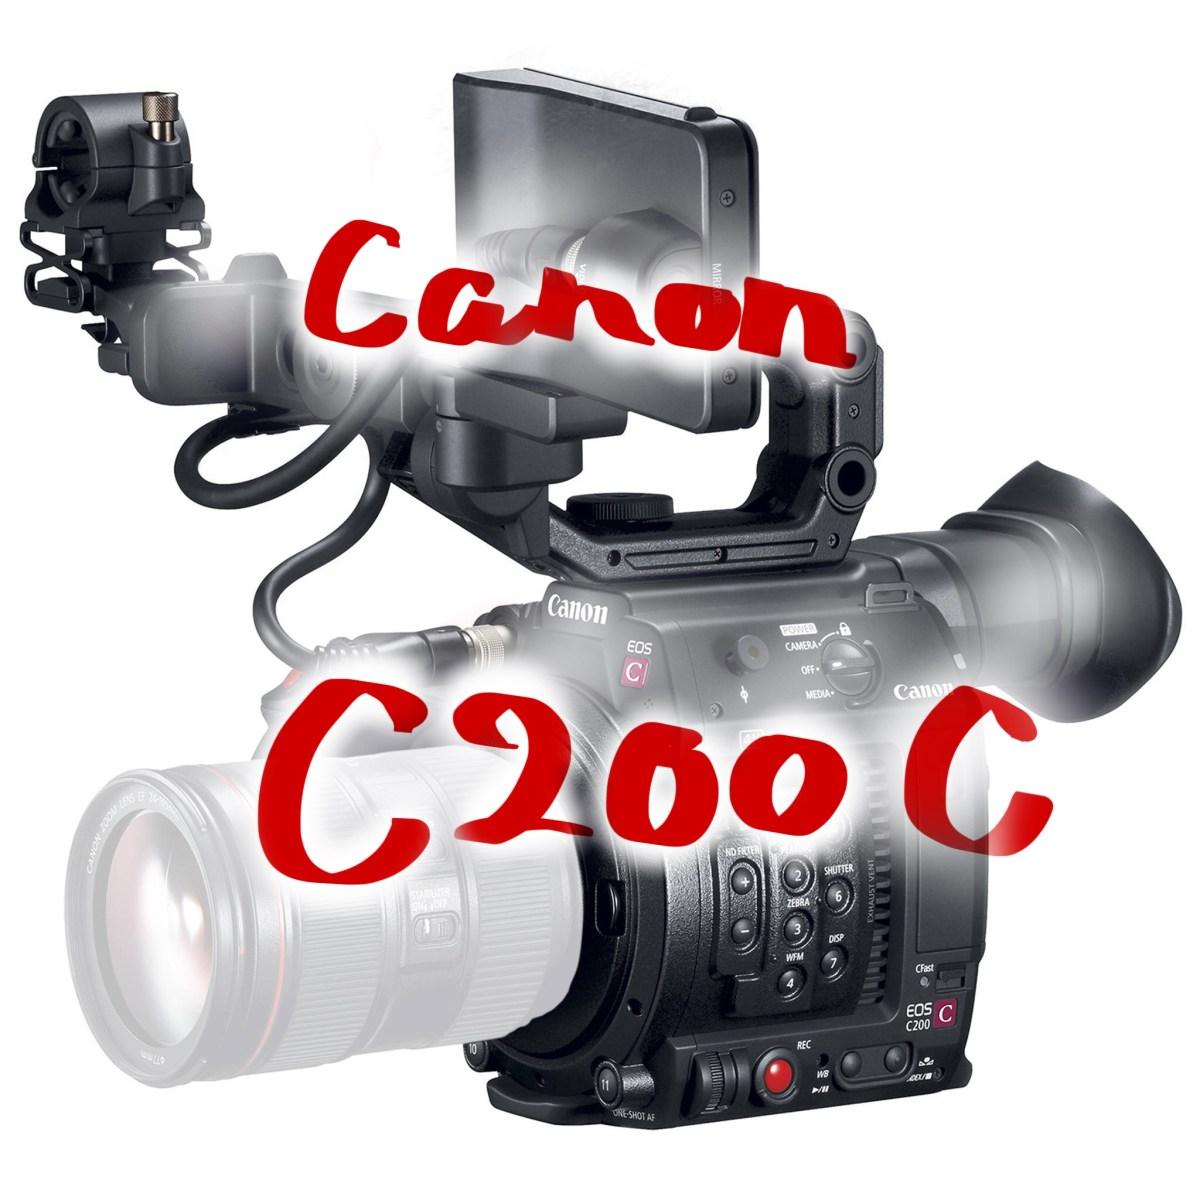 C200Cという夢をみる